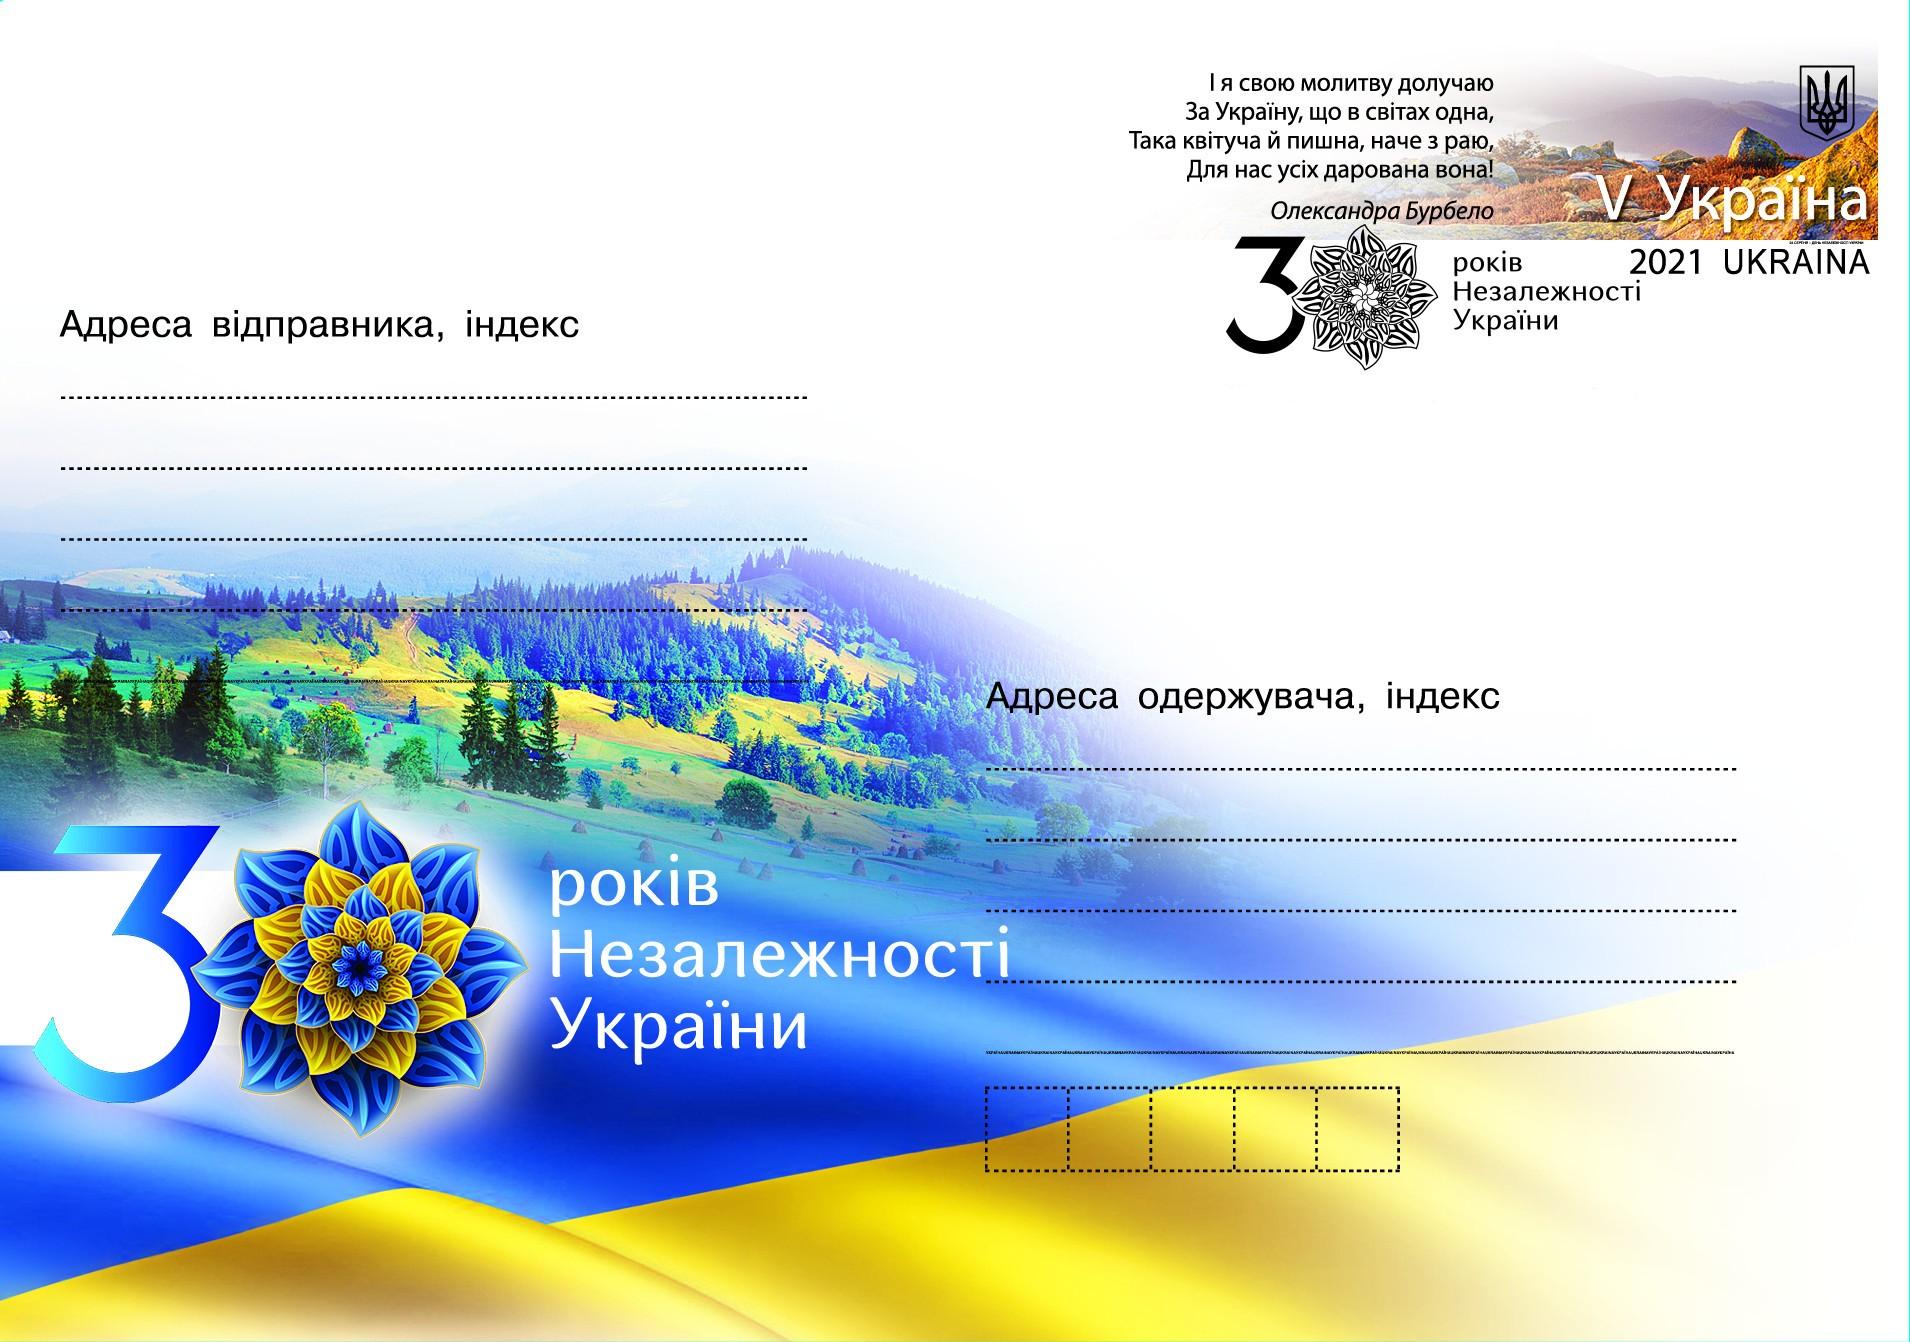 У Полтаві ввели в обіг конверт, створений до 30-річчя Незалежності